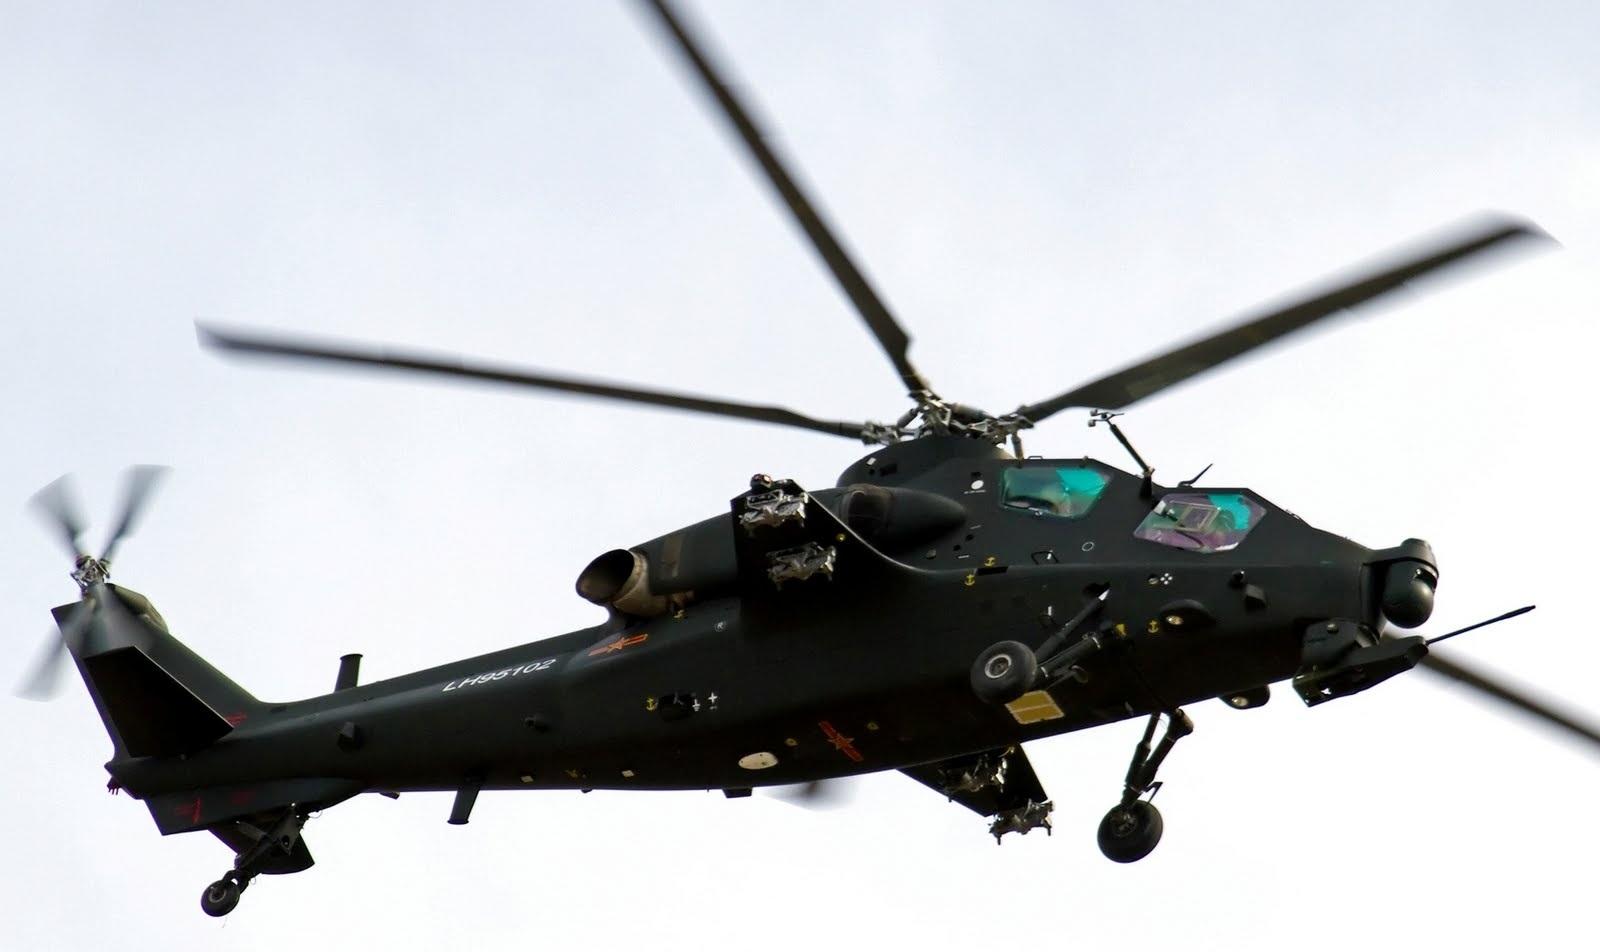 Trực thăng Z10 của Quân giải phóng Nhân dân Trung Quốc (Ảnh minh họa: Globalmilitaryreview)